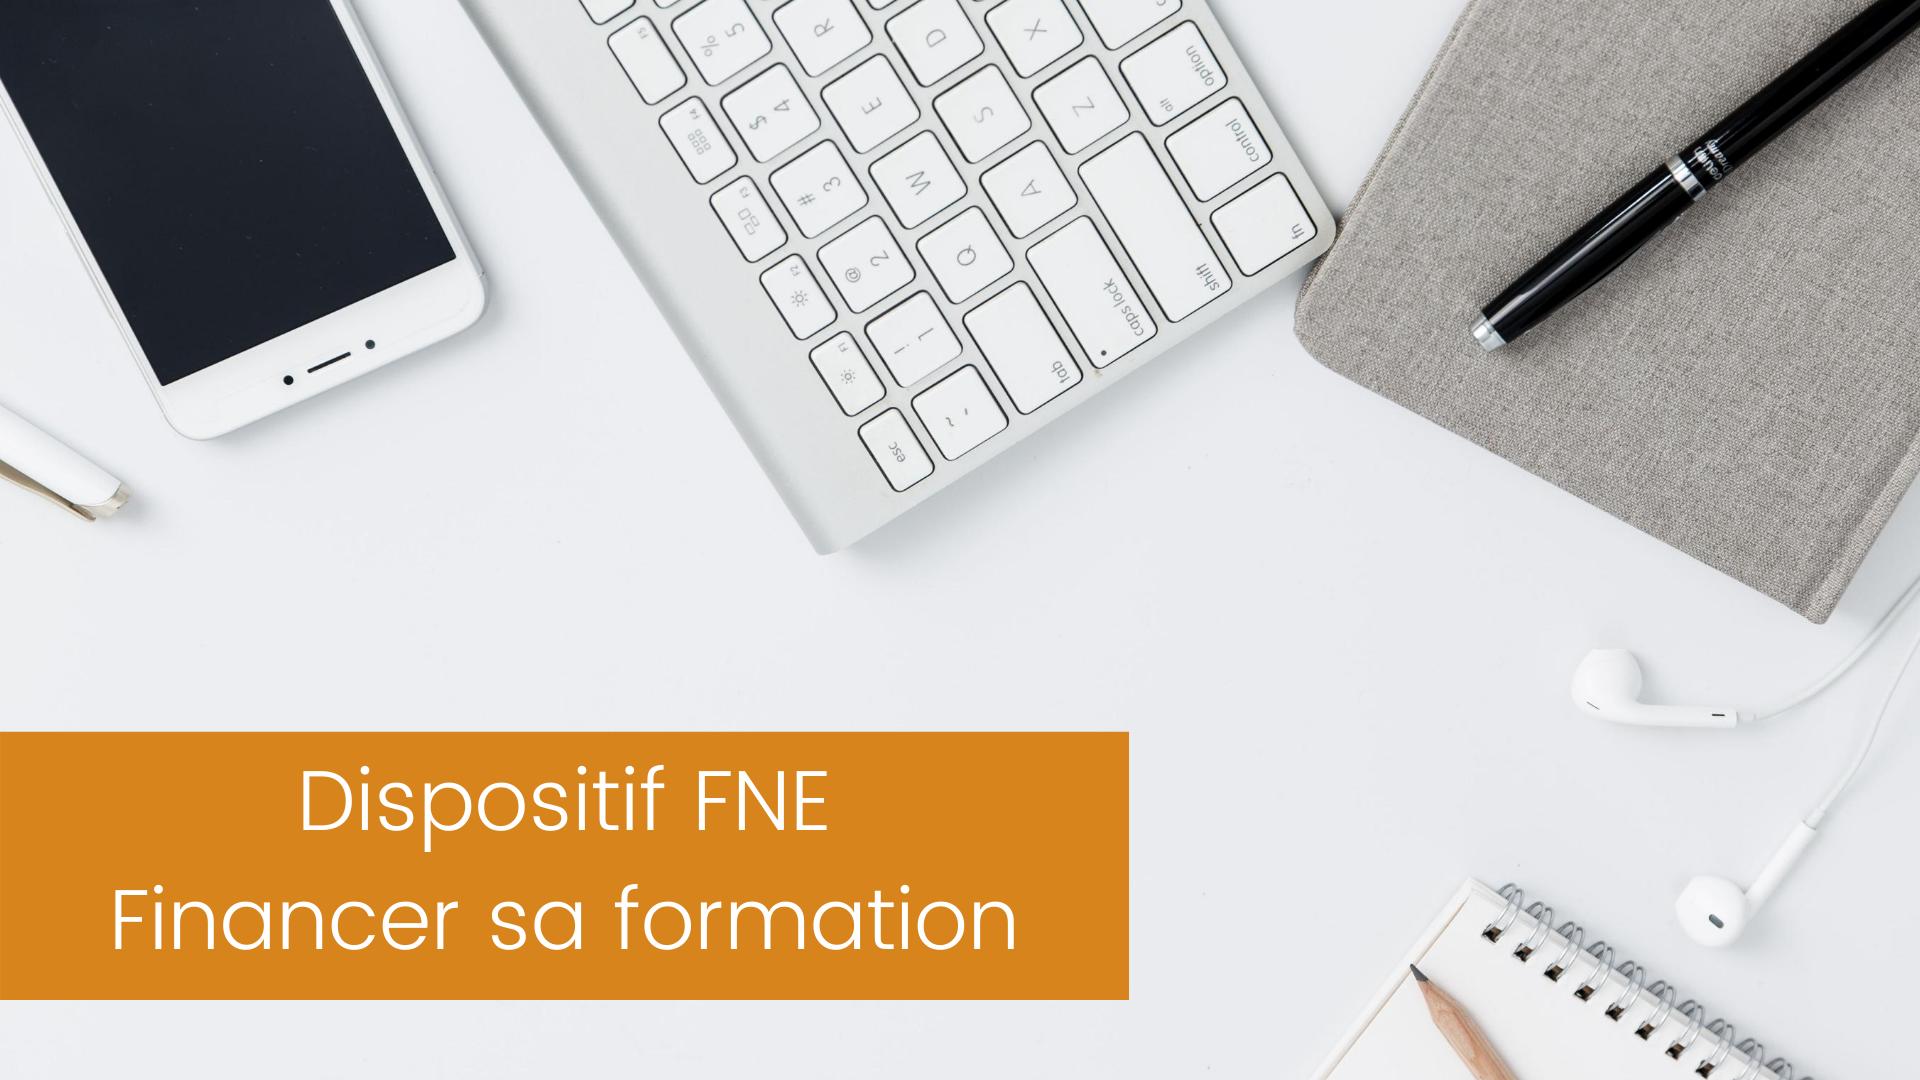 Actualité Dispositif FNE - Financer sa formation, organisme de formation Pyramidia